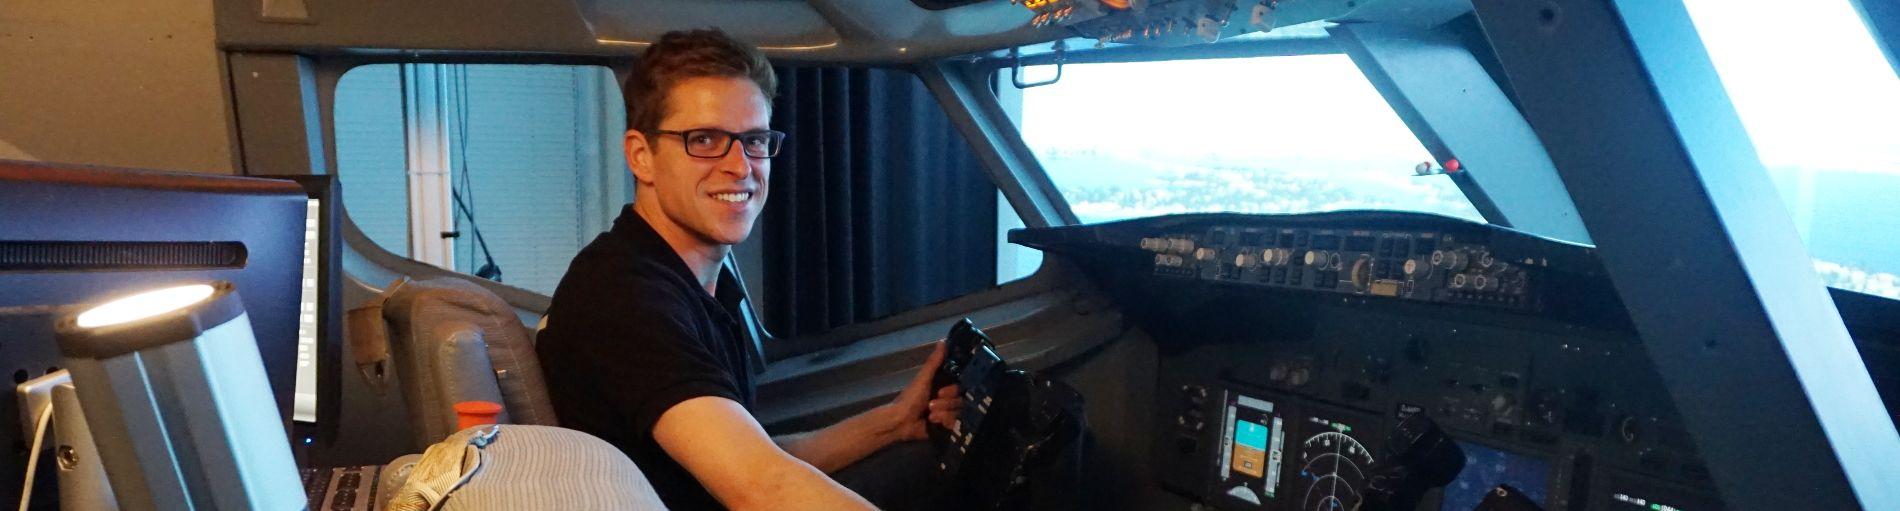 Christian Siegmund lächelt im Flugsimulator in die Kamera.